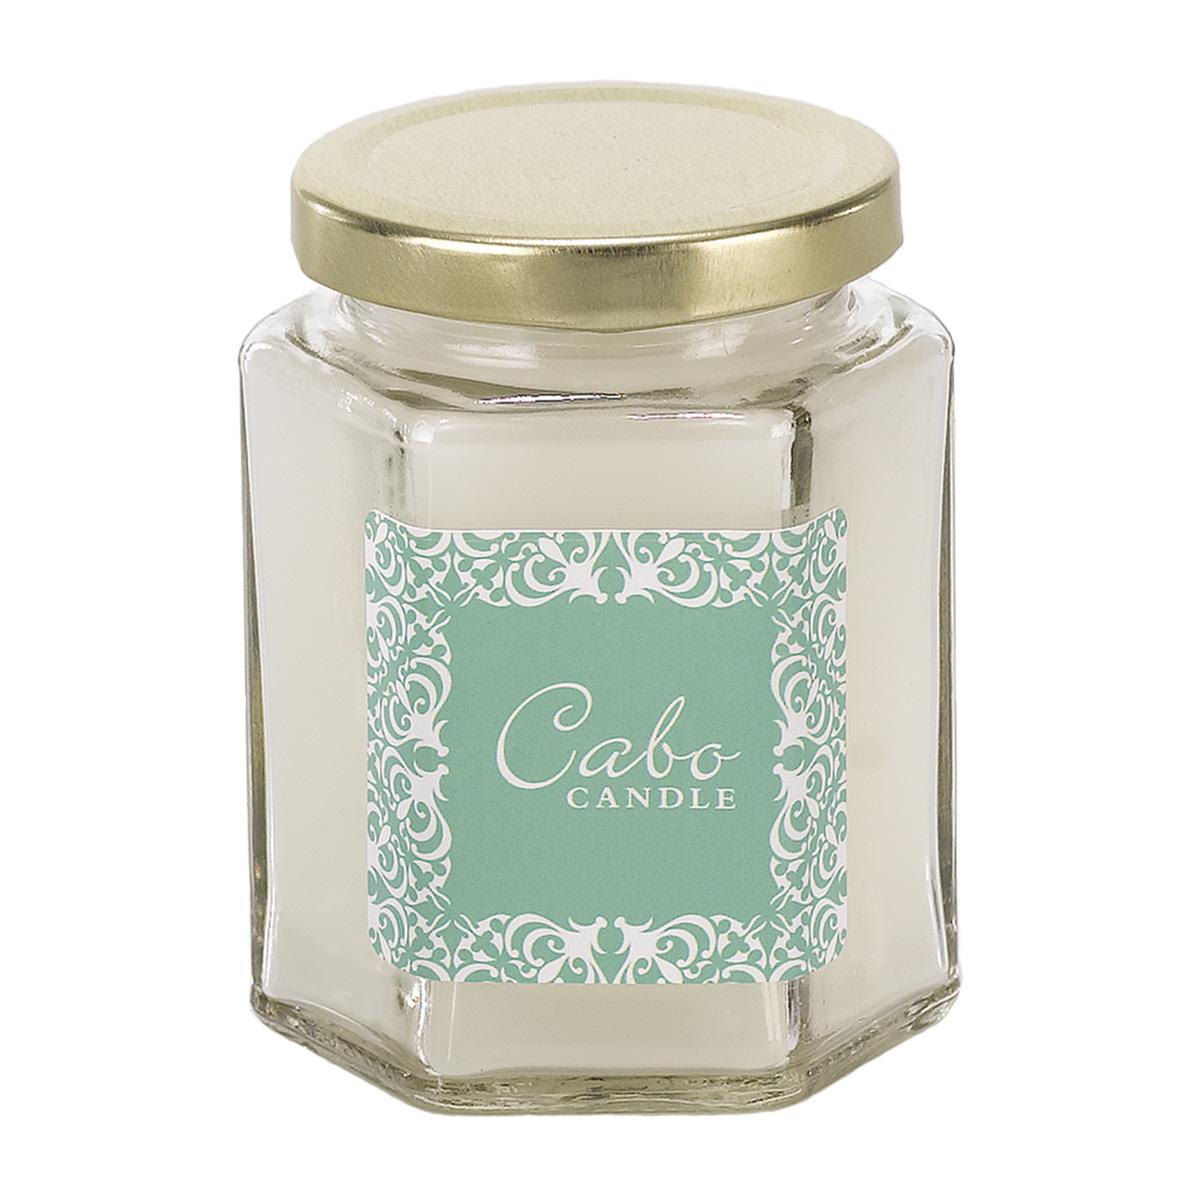 Cabo Candle - Gardenia